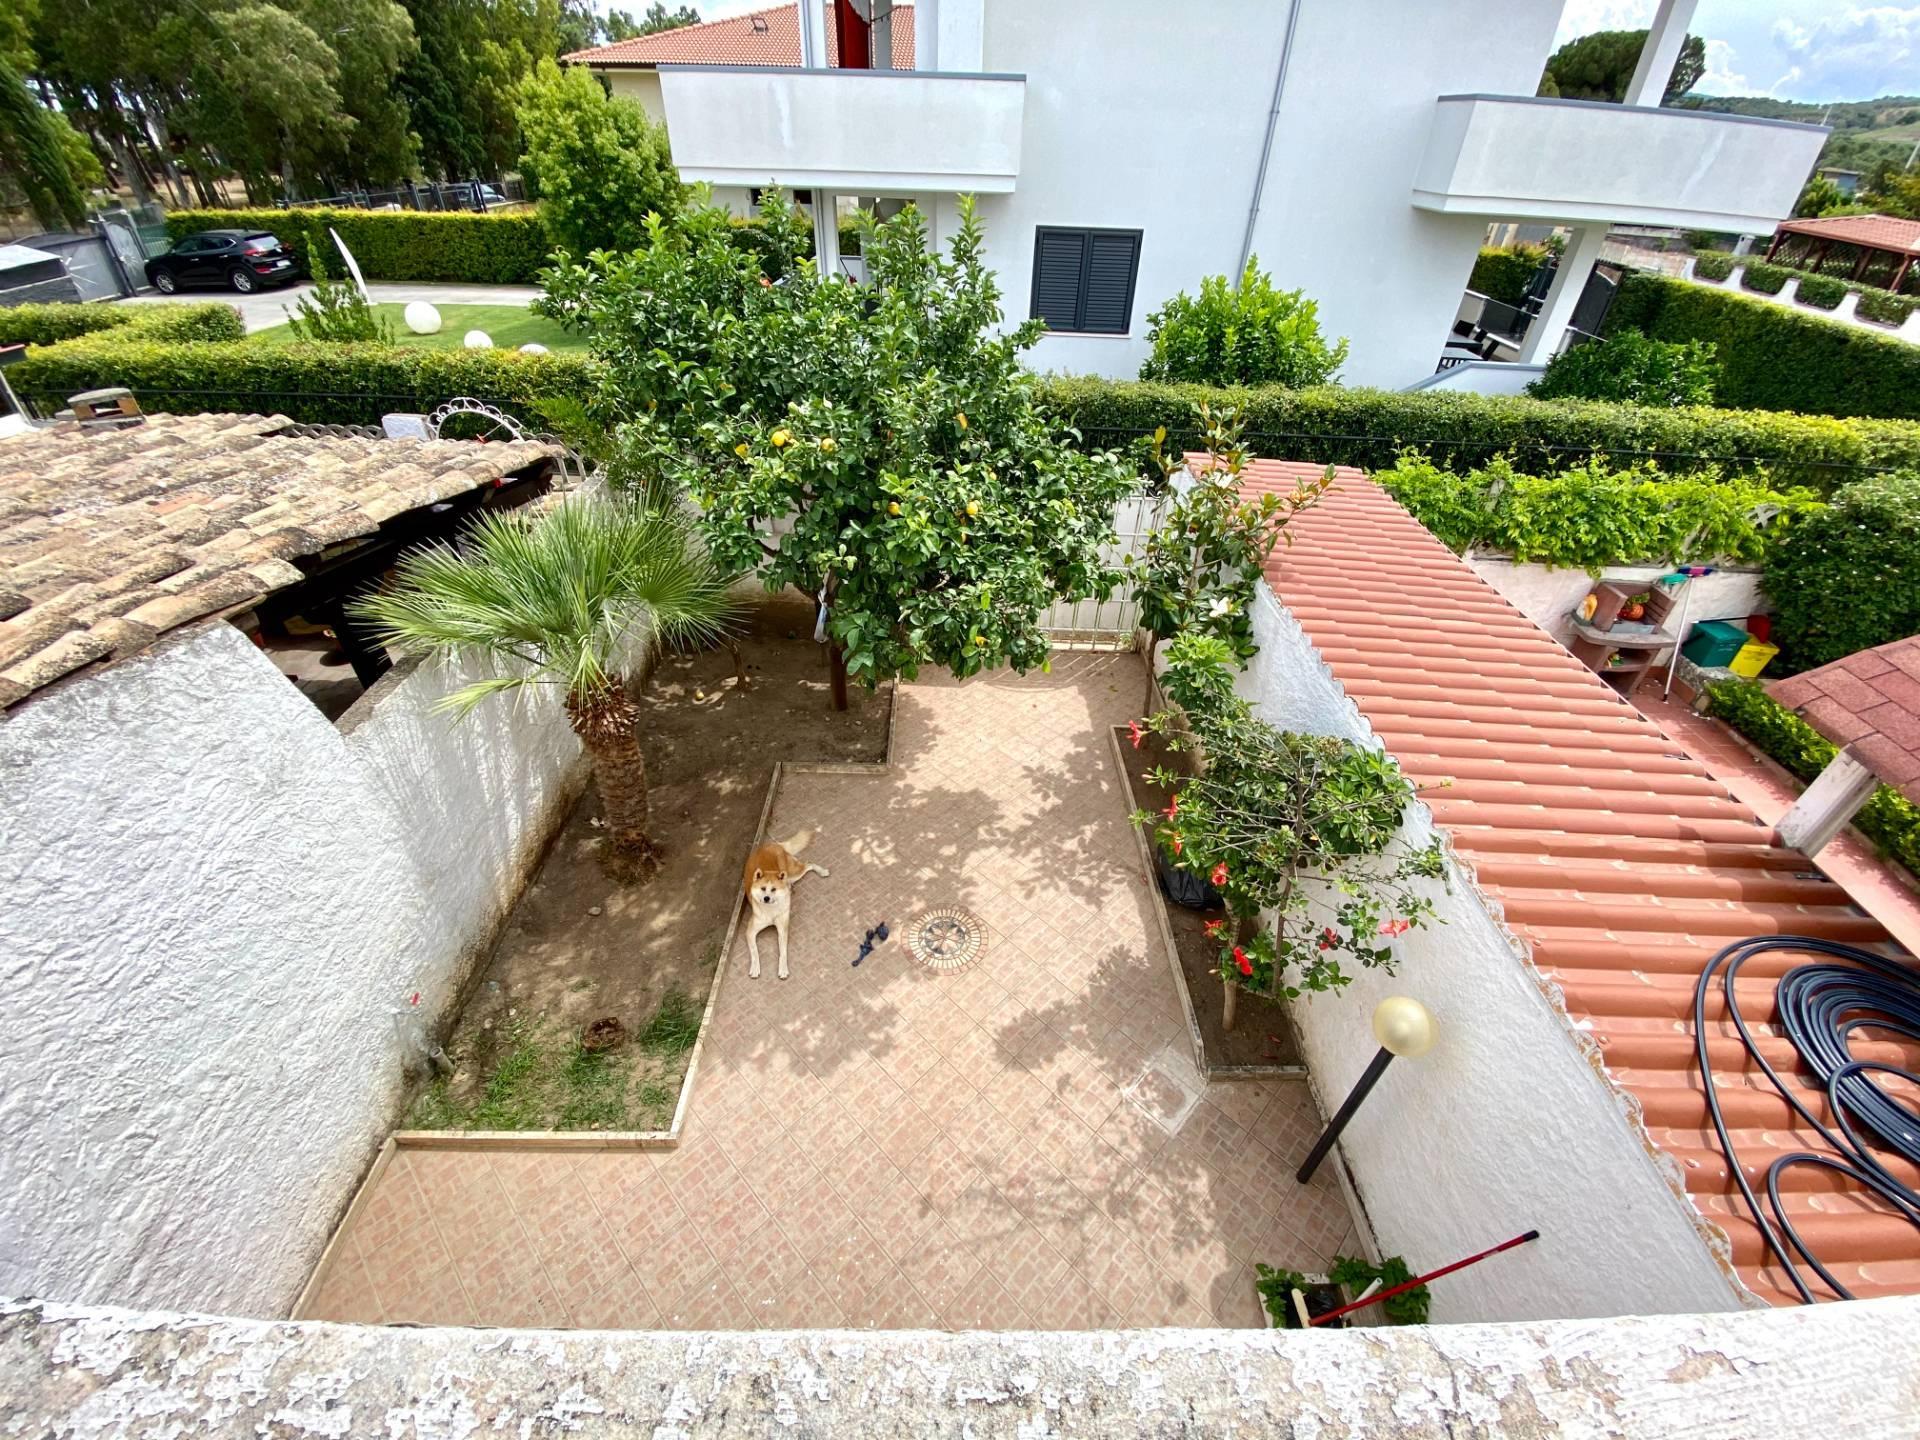 Villa a Schiera in vendita a Borgia, 3 locali, zona Località: RoccellettadiBorgia, prezzo € 95.000 | CambioCasa.it